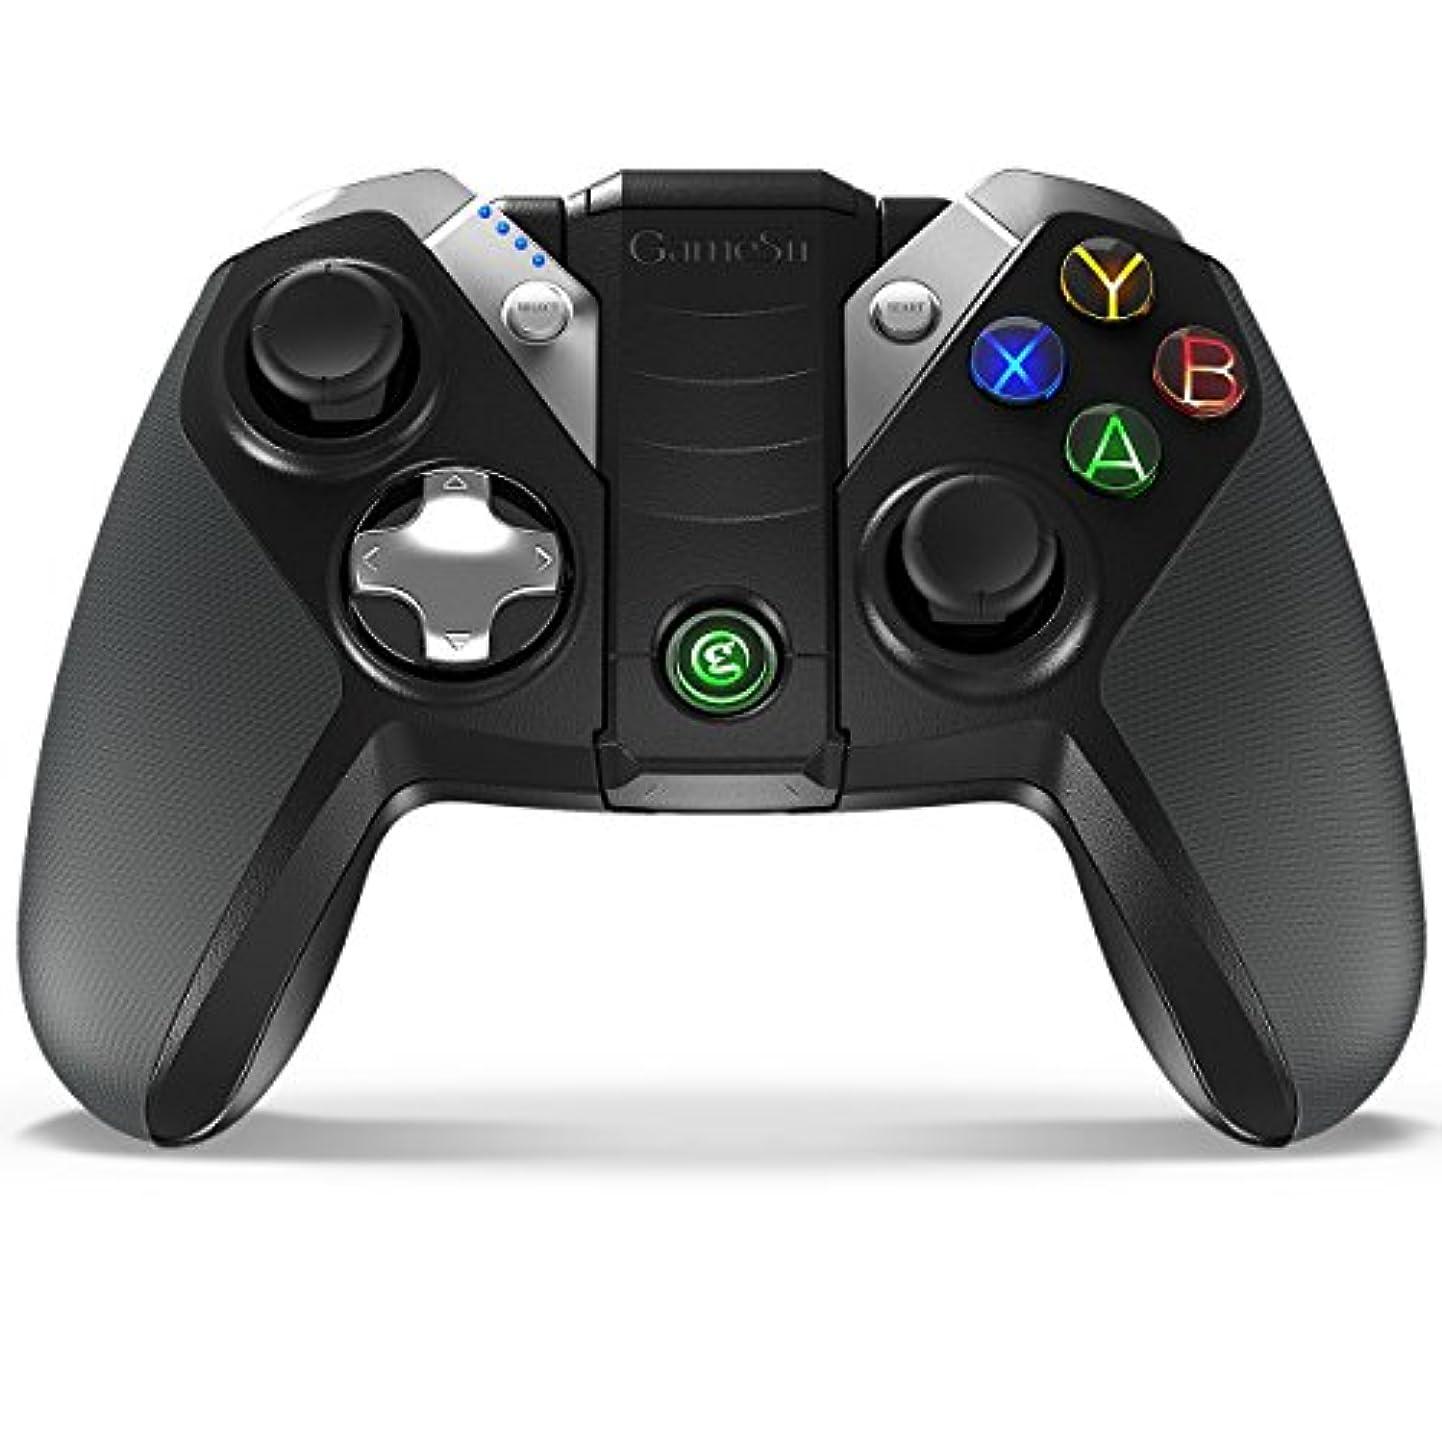 北西冷凍庫ピアGameSir G4 Bluetoothコントローラー ブルートゥース スマホ Android テレビ PC PS3 Steam ゲーム対応 ゲームパッド「Telloドローン(送信機)が対応できる」